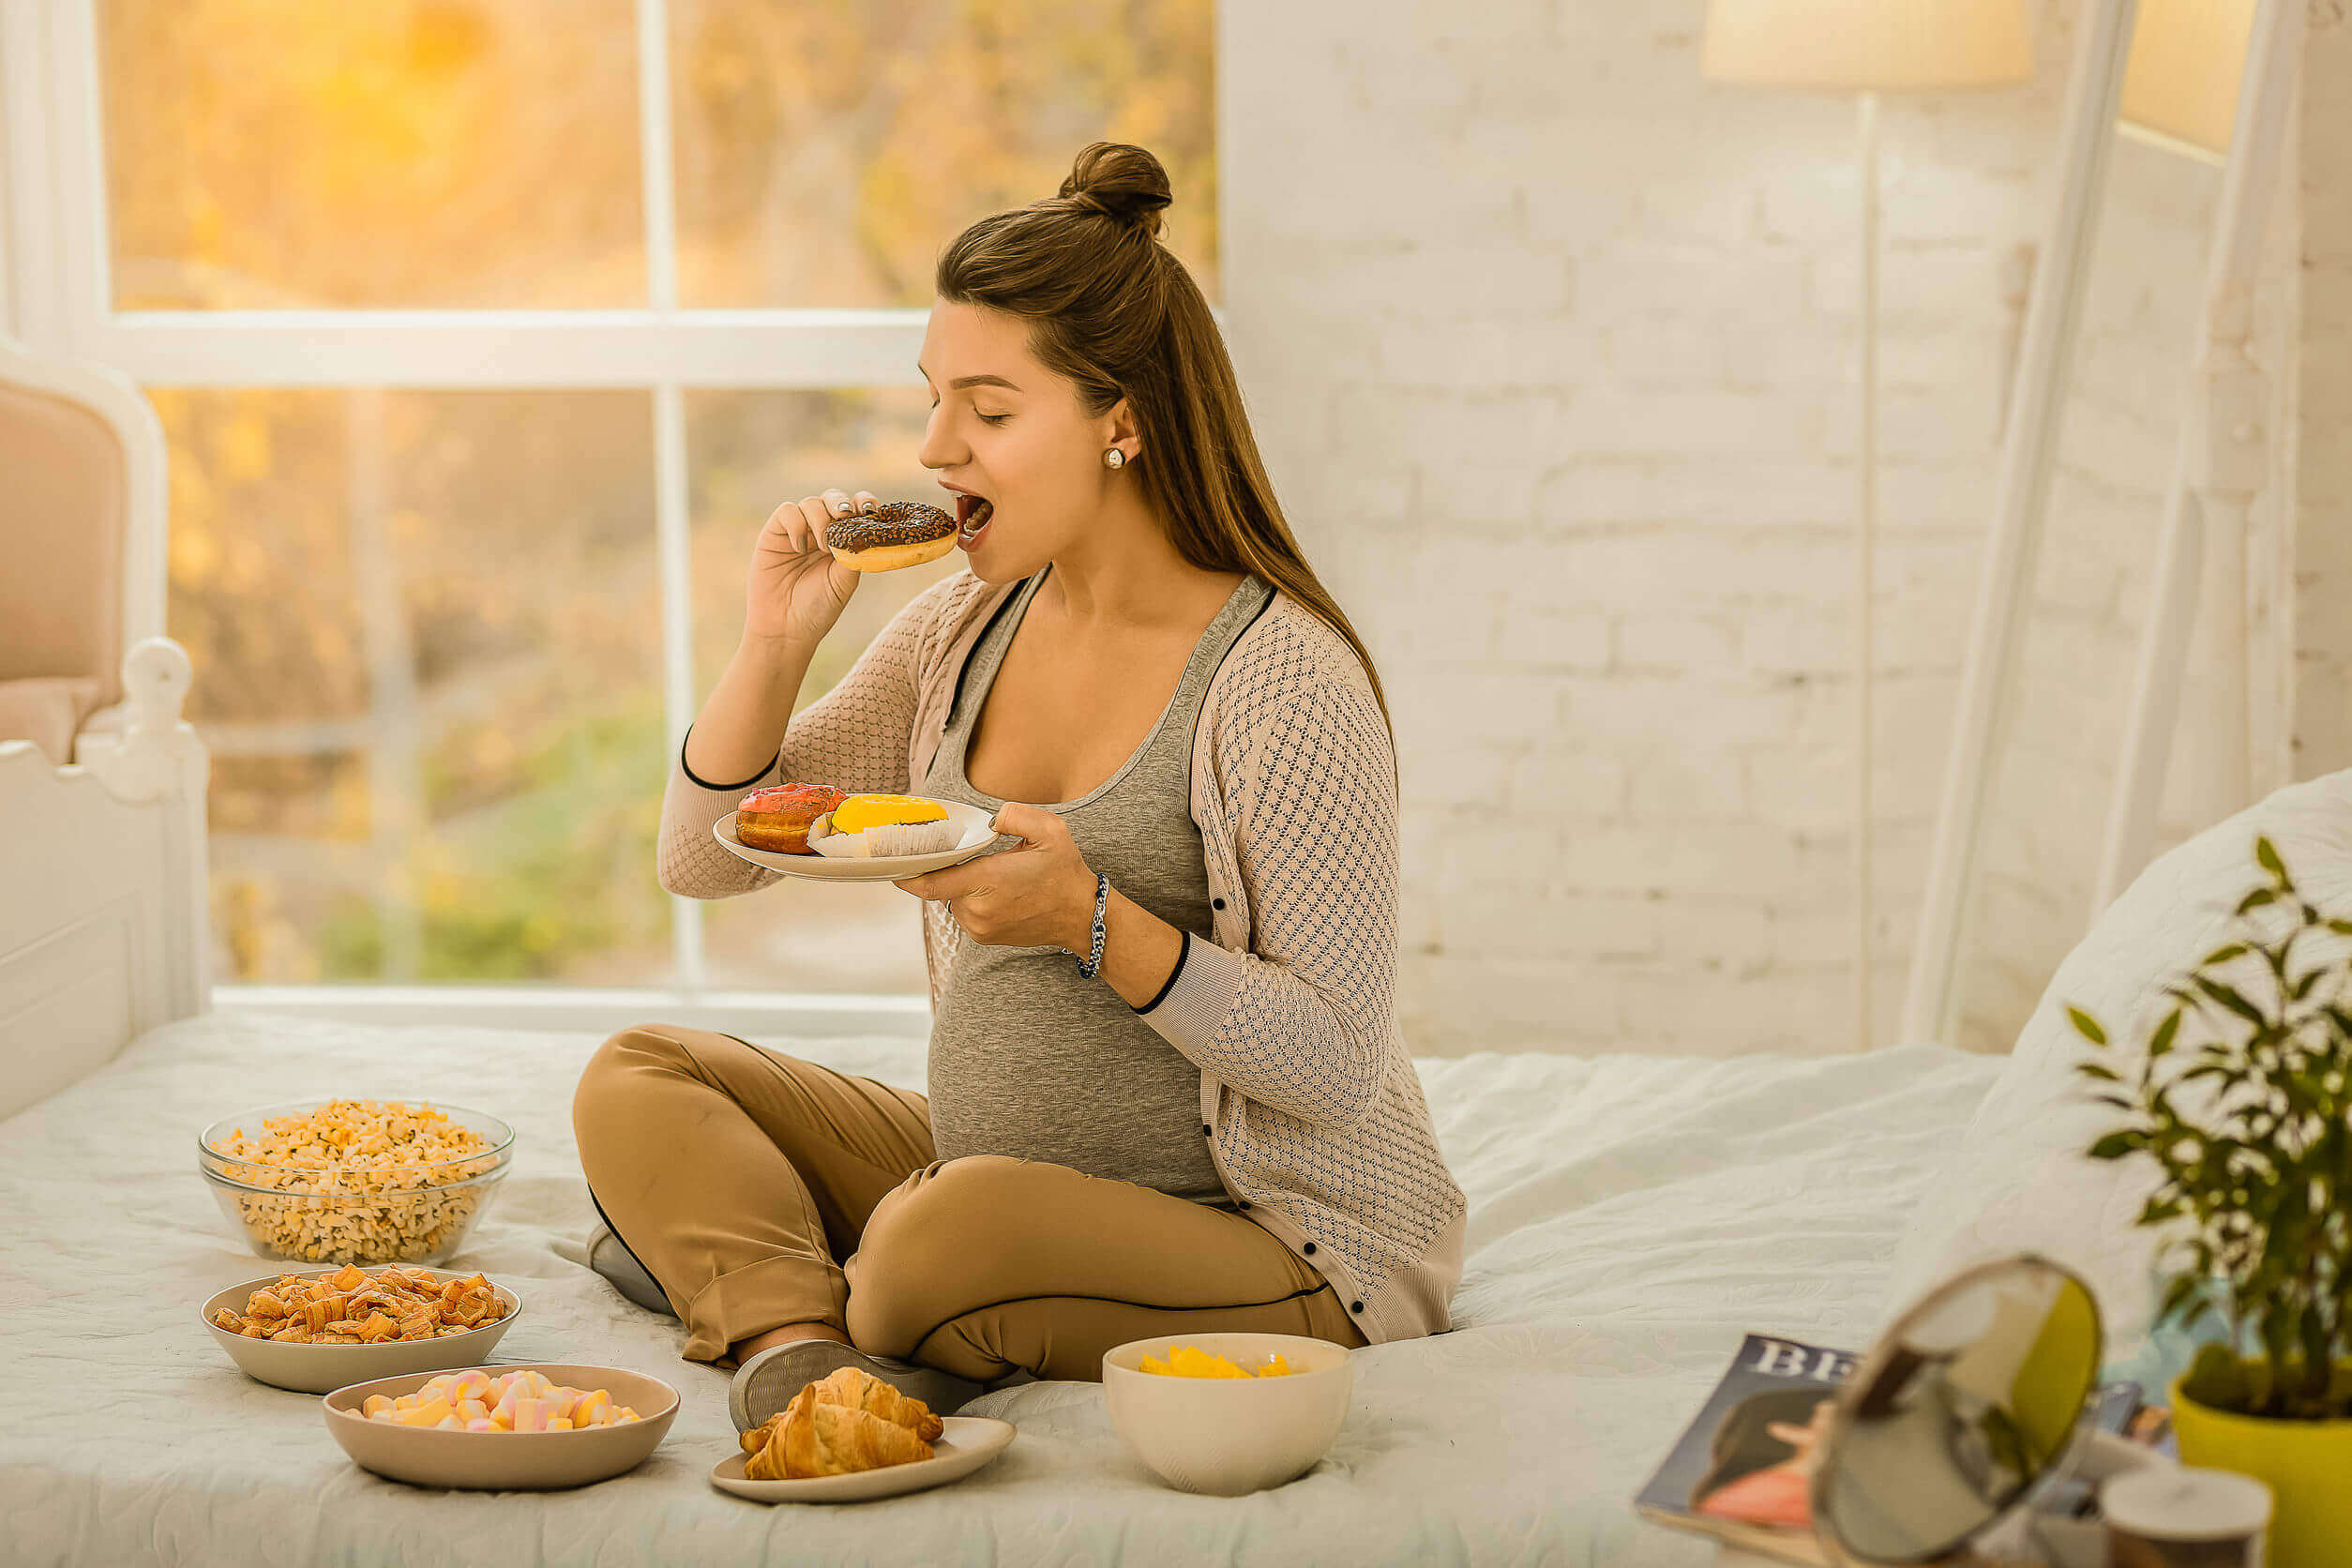 En gravid kvinne som snakker i sengen og spiser søtsaker.